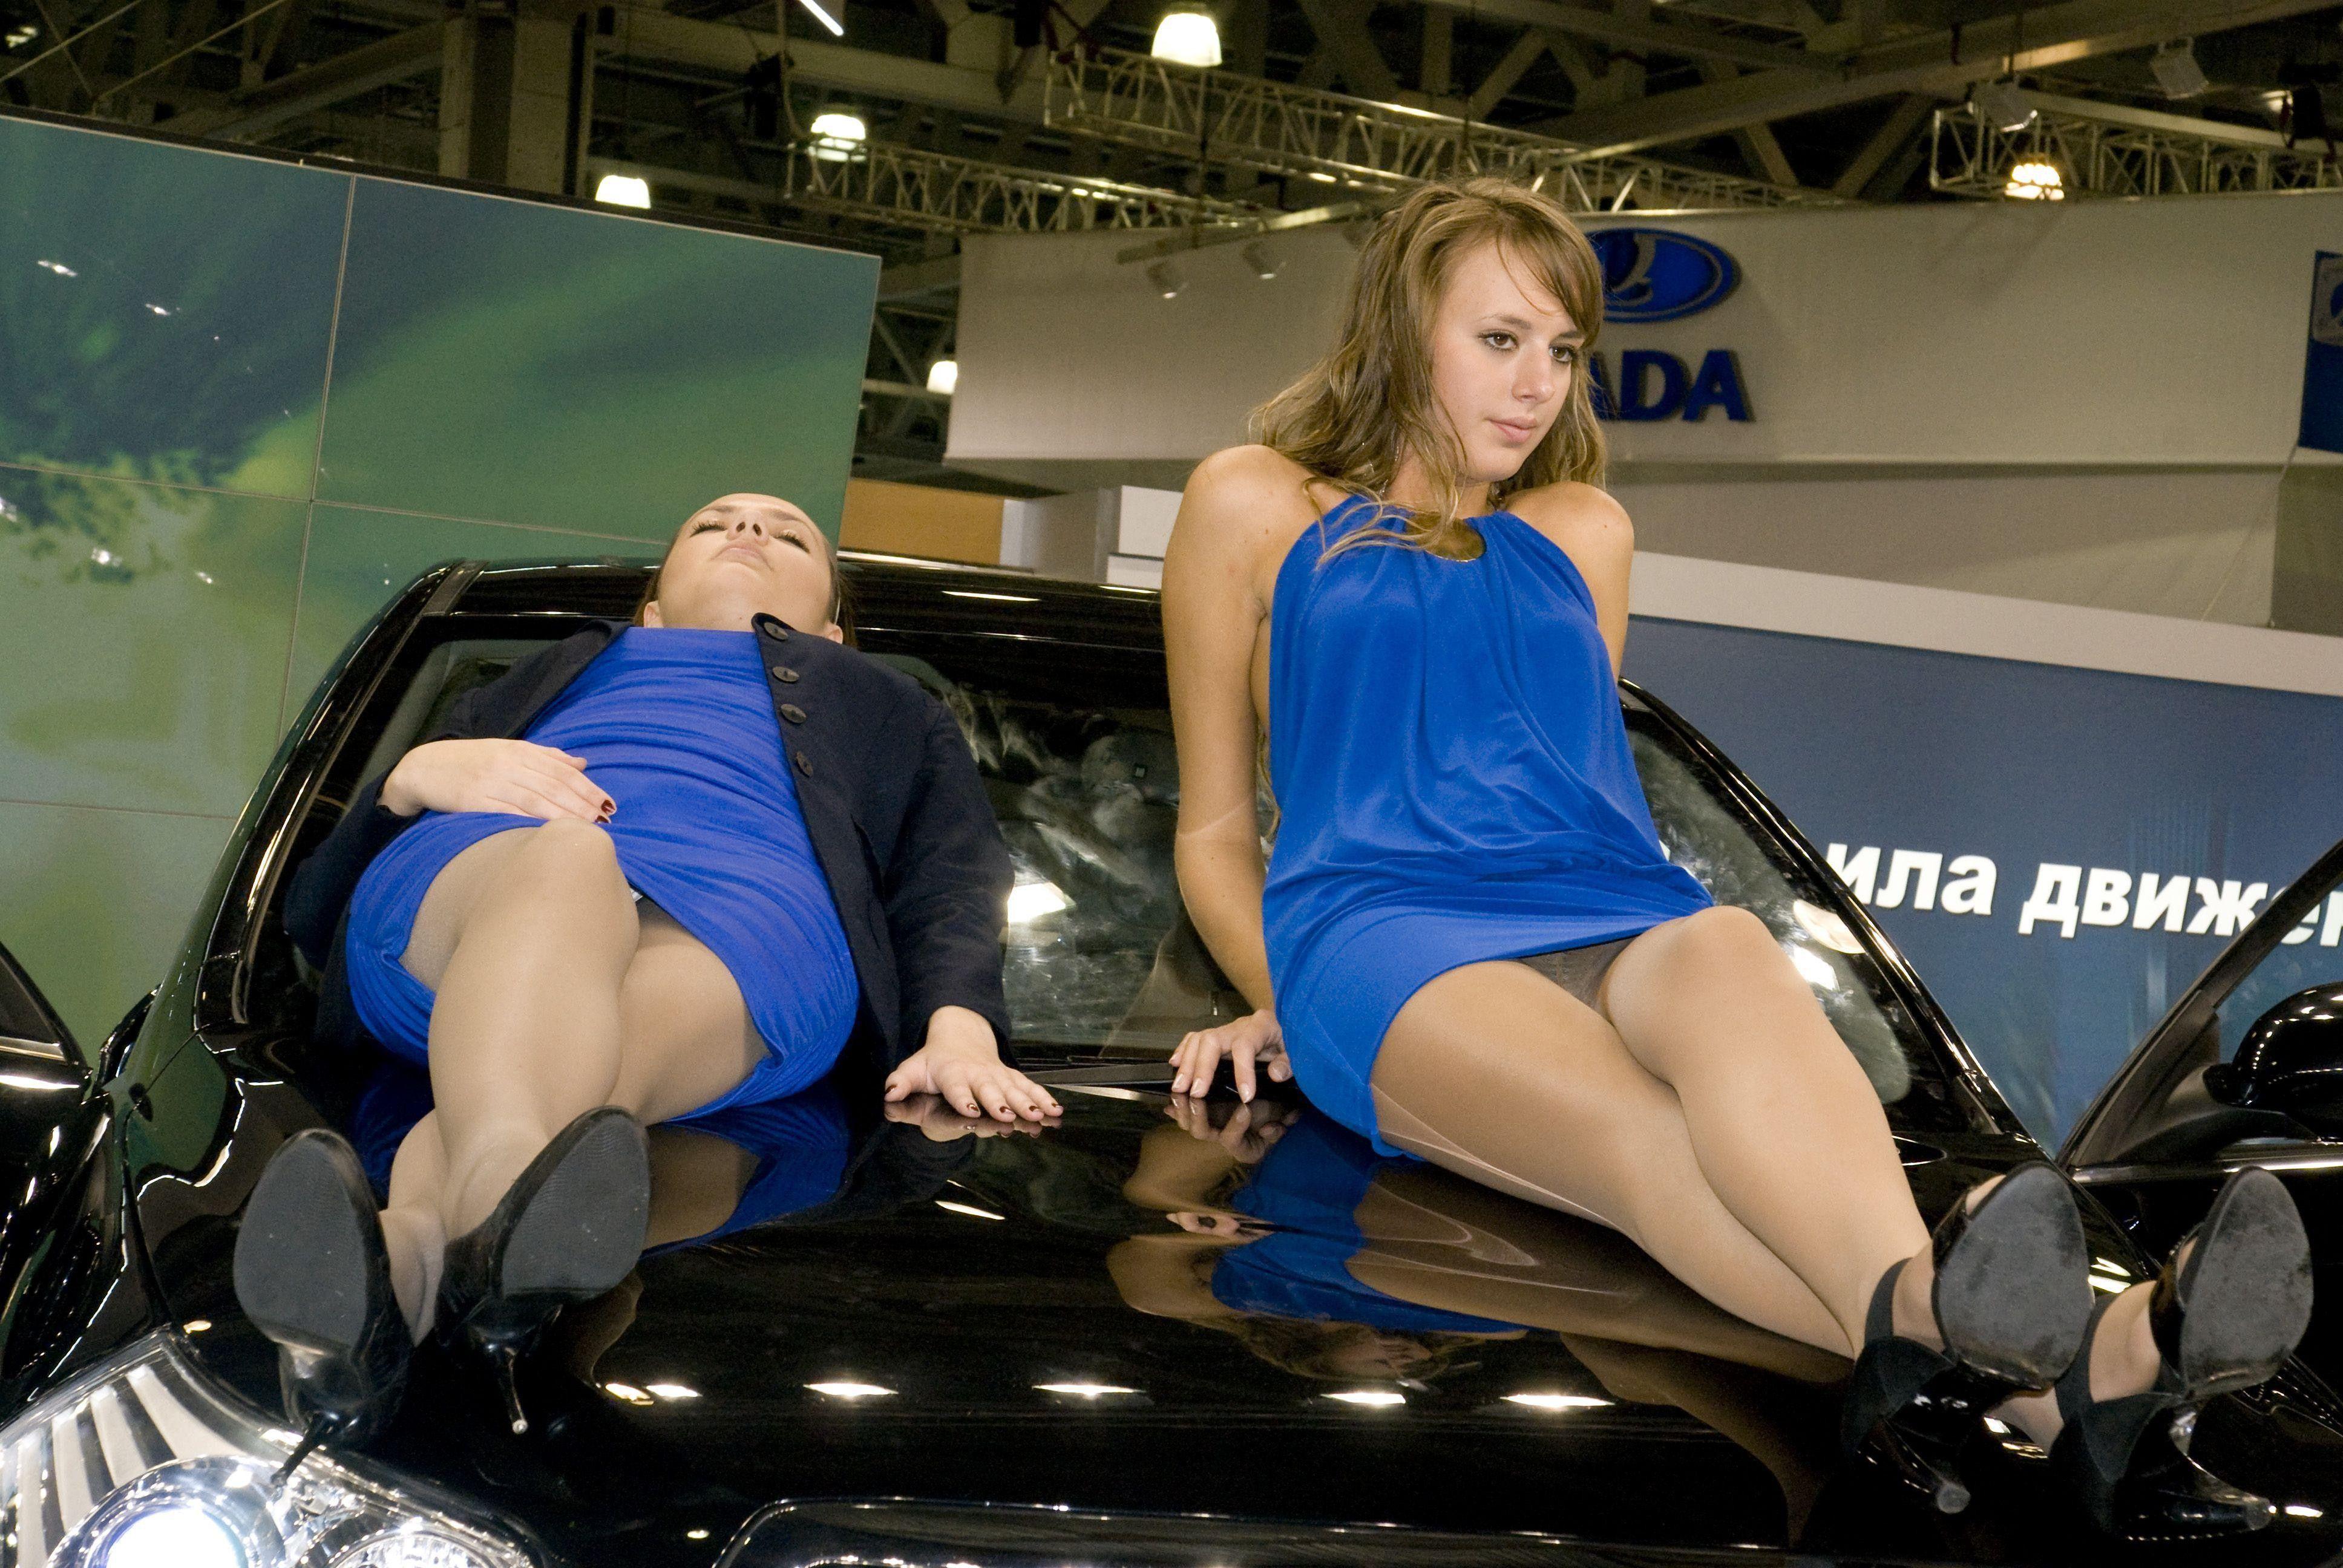 правило, трахают видео девушки на автовыставке без трусов конце концов